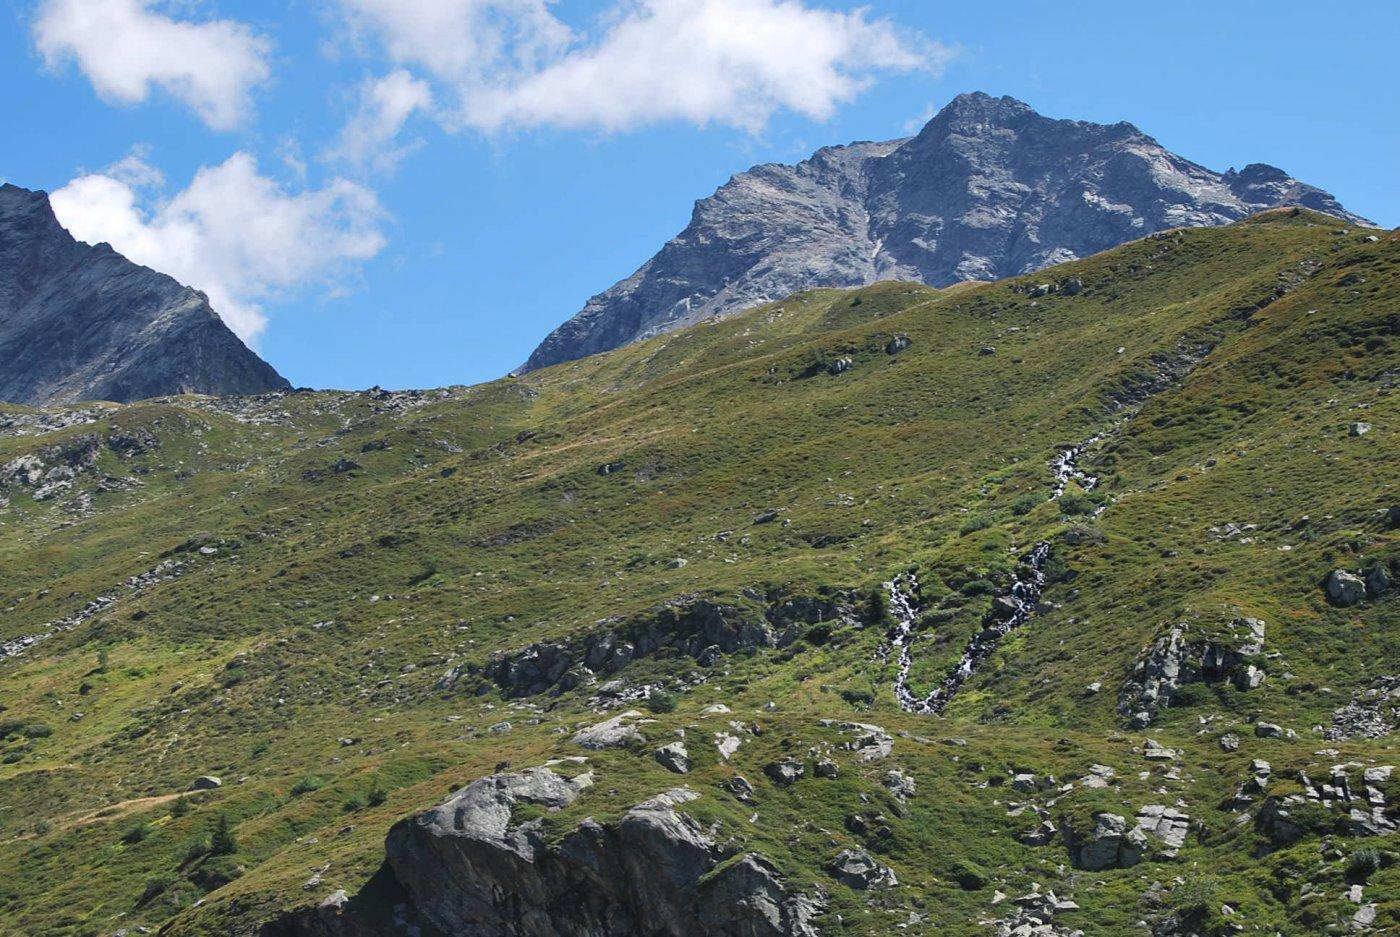 Dal rifugio: Col de la Sachere e Gran Becca du Mont, in esclusiva per Monica